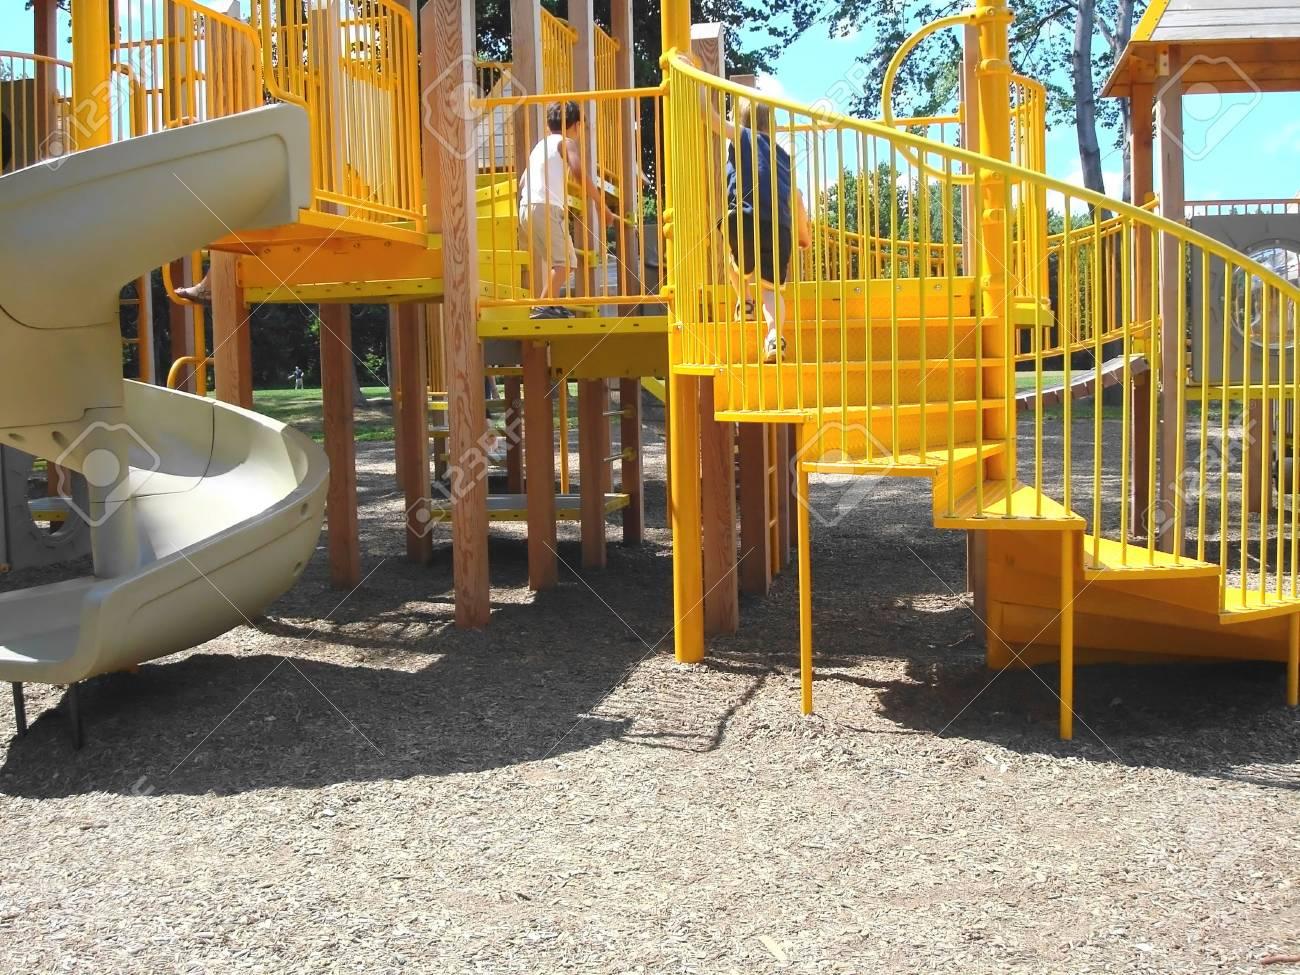 Klettergerüste Kinder : Zwei kinder auf die klettergerüste dem spielplatz im park